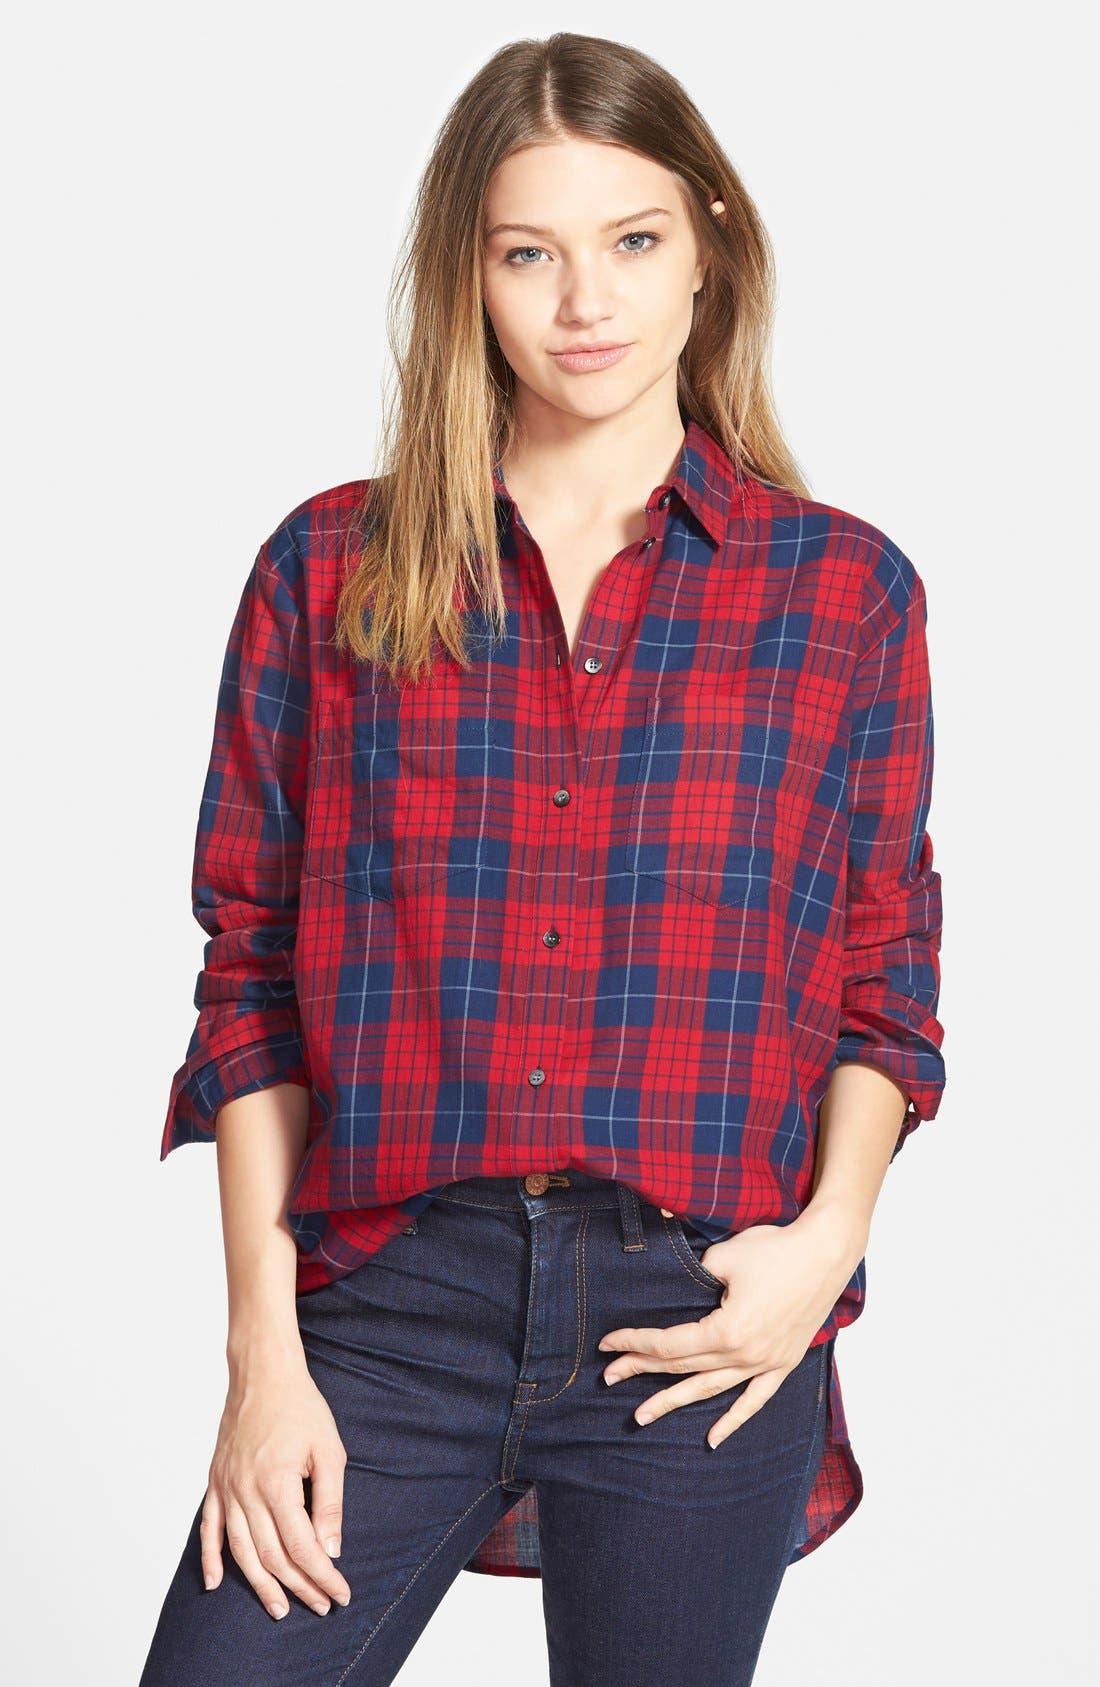 Alternate Image 1 Selected - Madewell 'Edina Plaid' Oversize Boyshirt